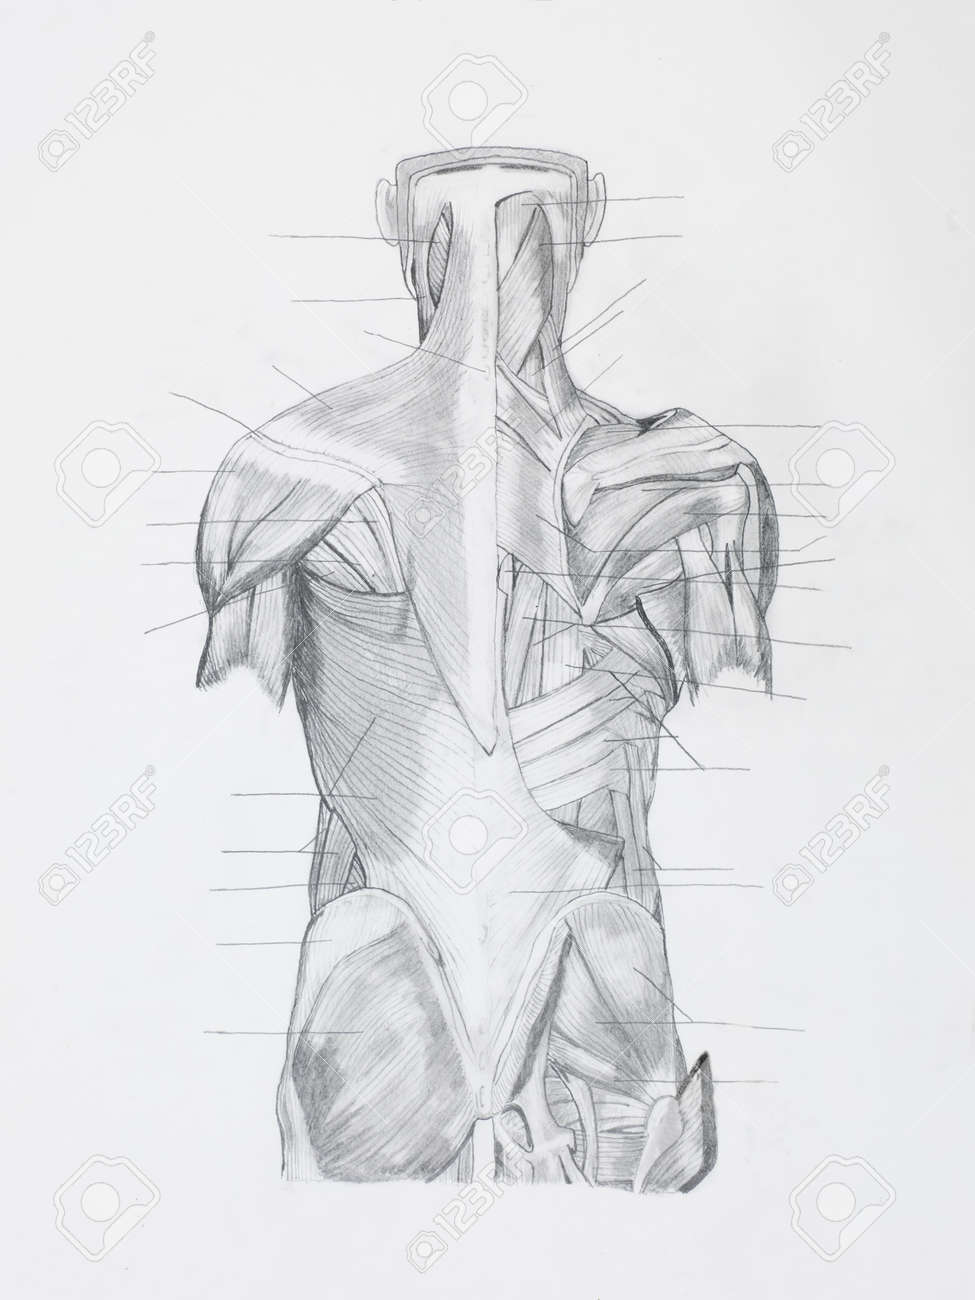 Moderno Diagrama De Músculos De La Espalda Viñeta - Anatomía de Las ...